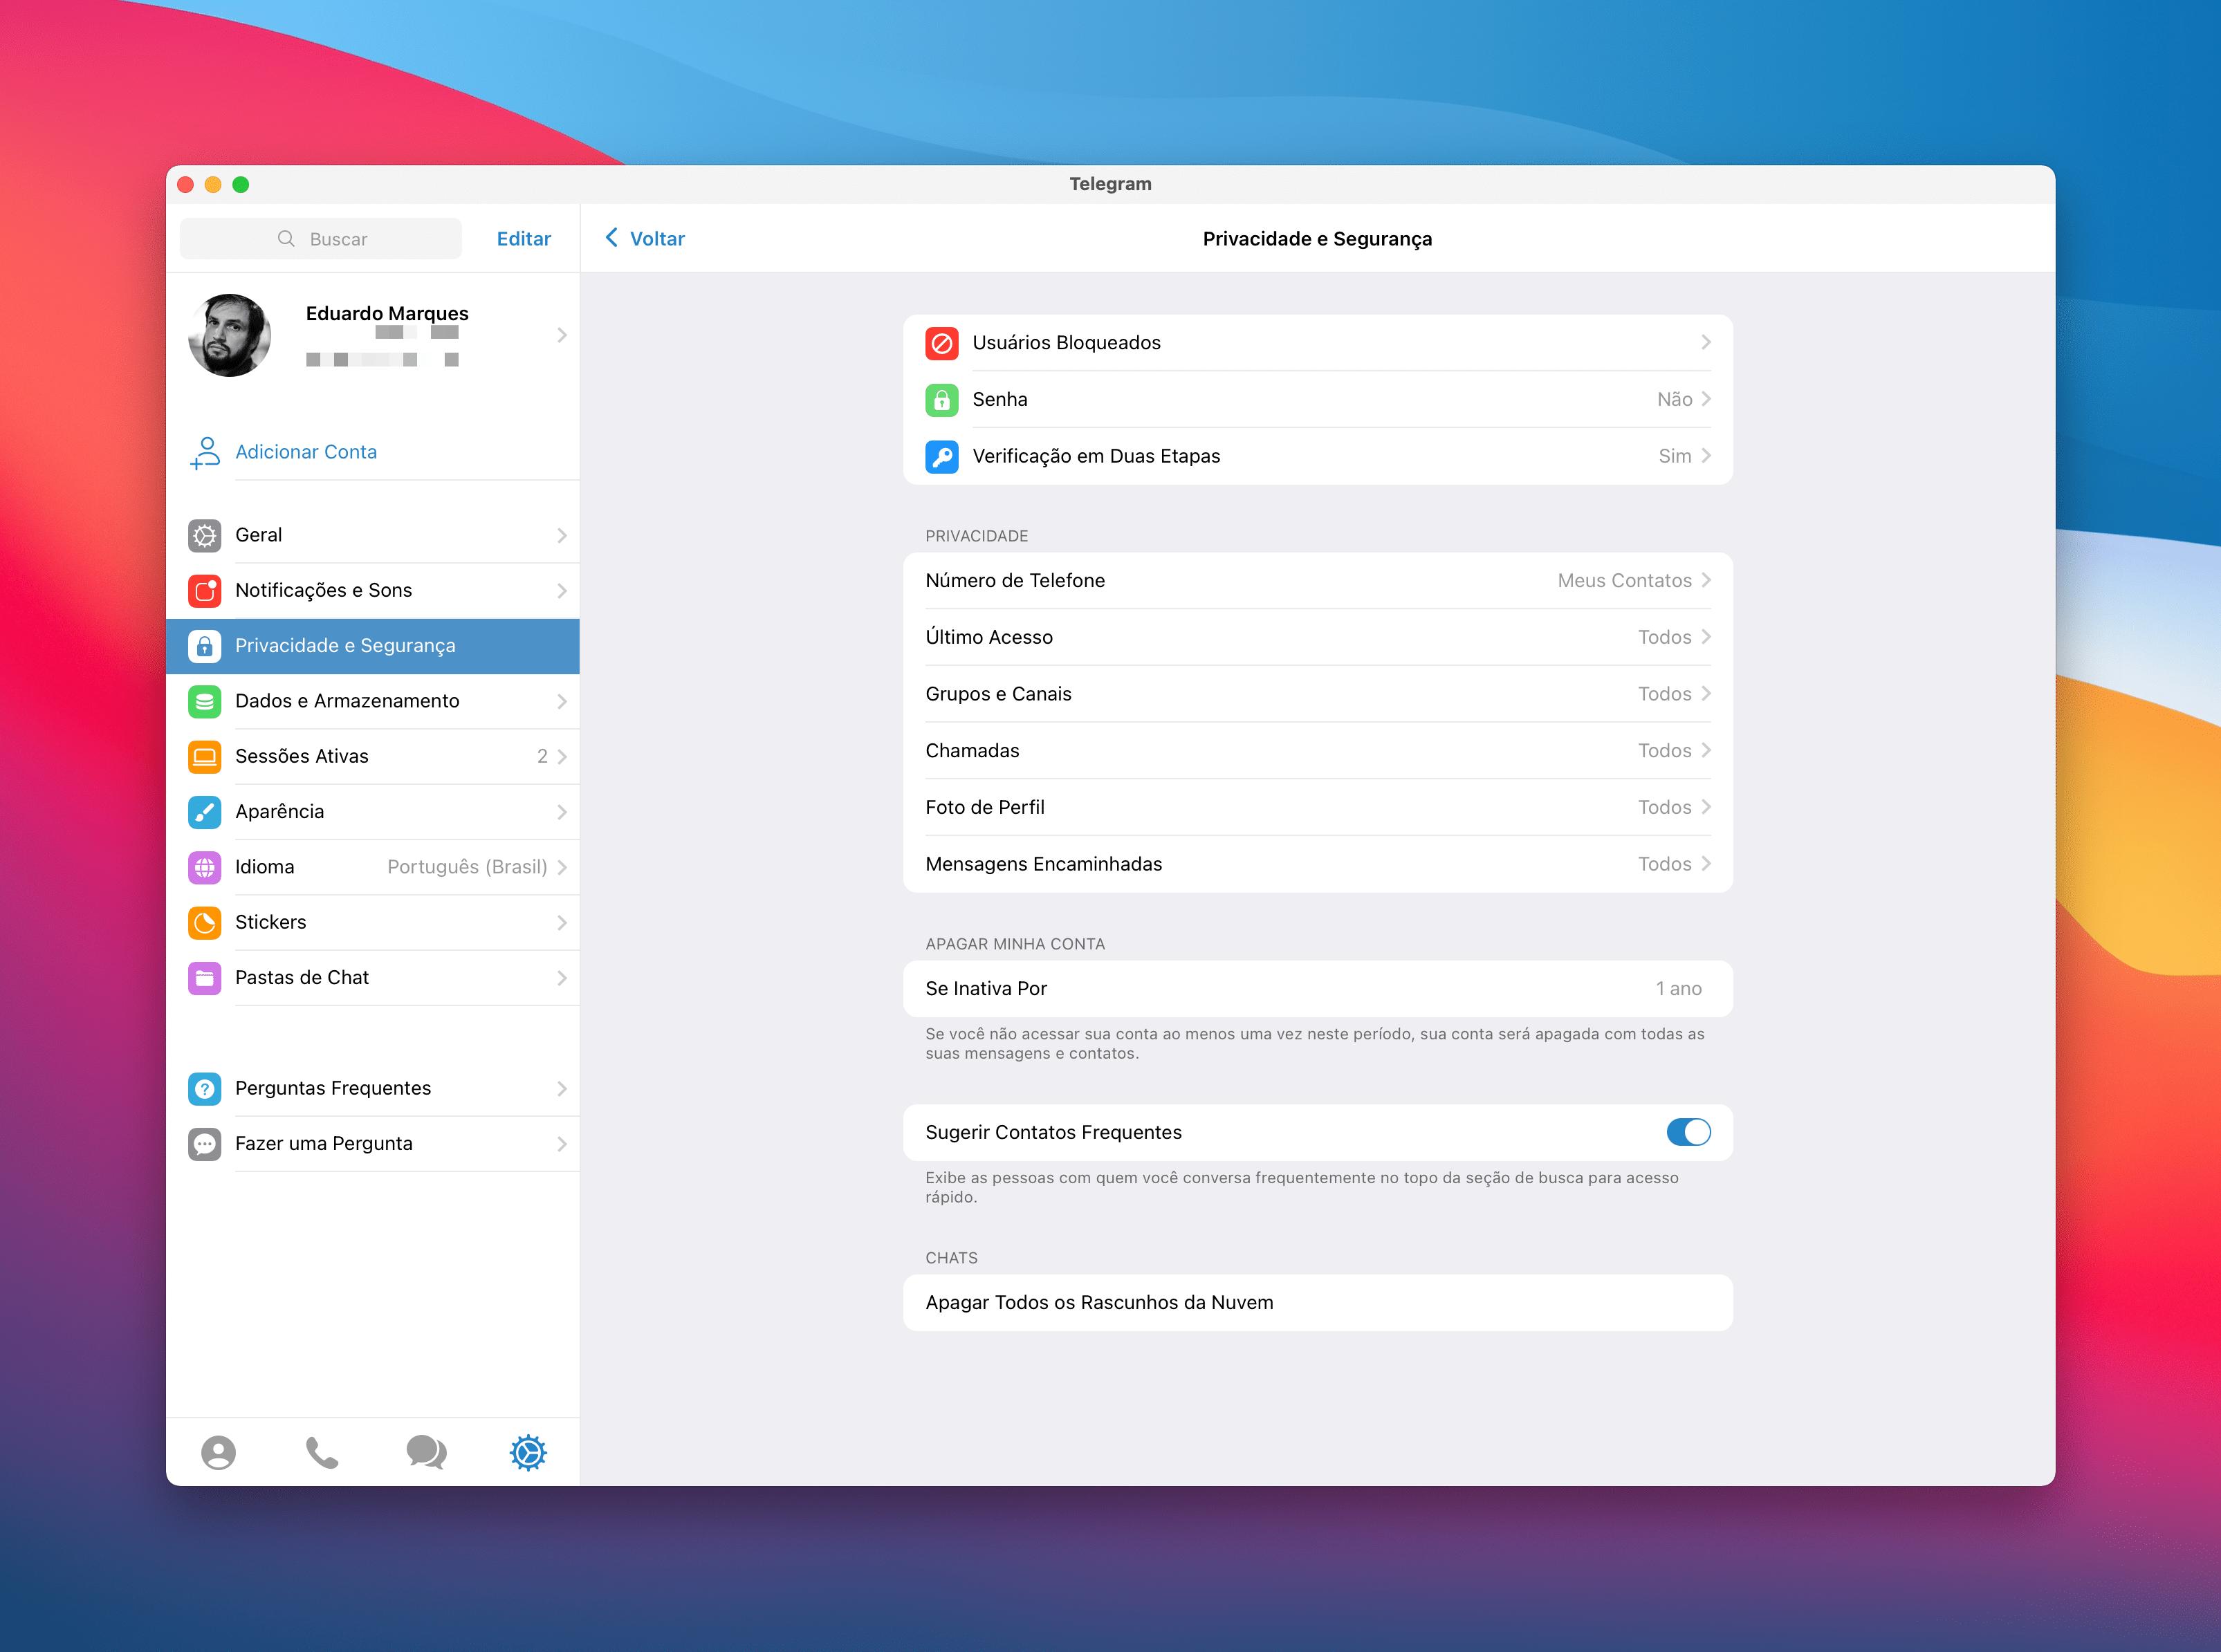 Apagando o Telegram automaticamente